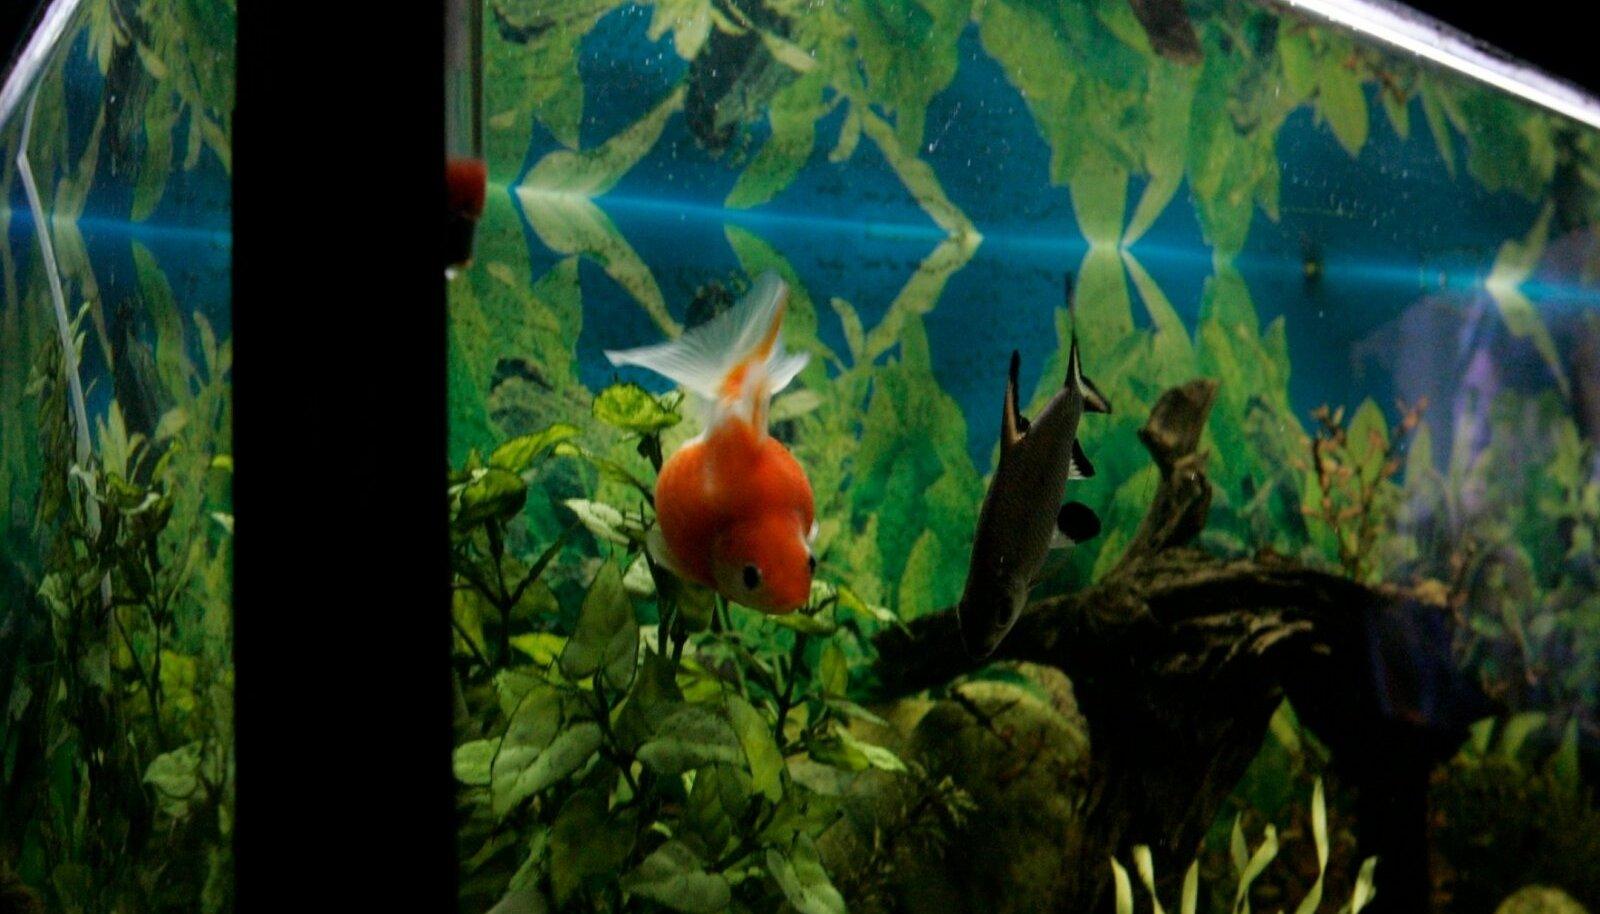 Kala koht on akvaariumis ja ka siis tuleb järgida kindlaid nõudeid